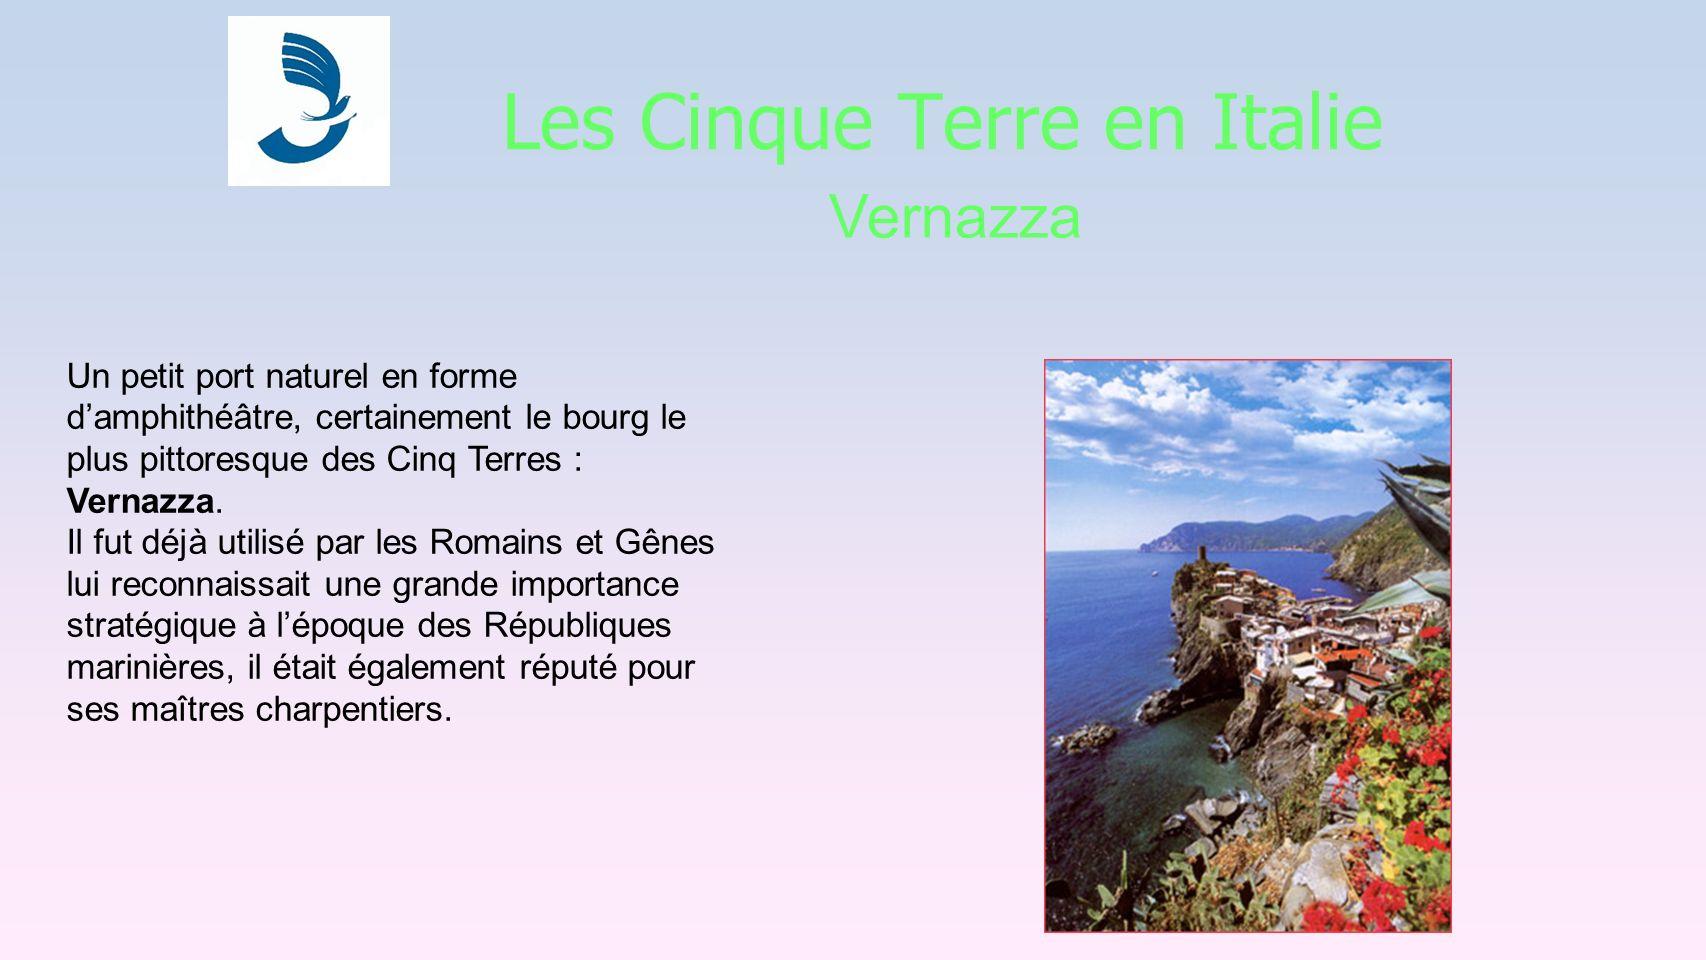 Les Cinque Terre en Italie Vernazza Un petit port naturel en forme damphithéâtre, certainement le bourg le plus pittoresque des Cinq Terres : Vernazza.